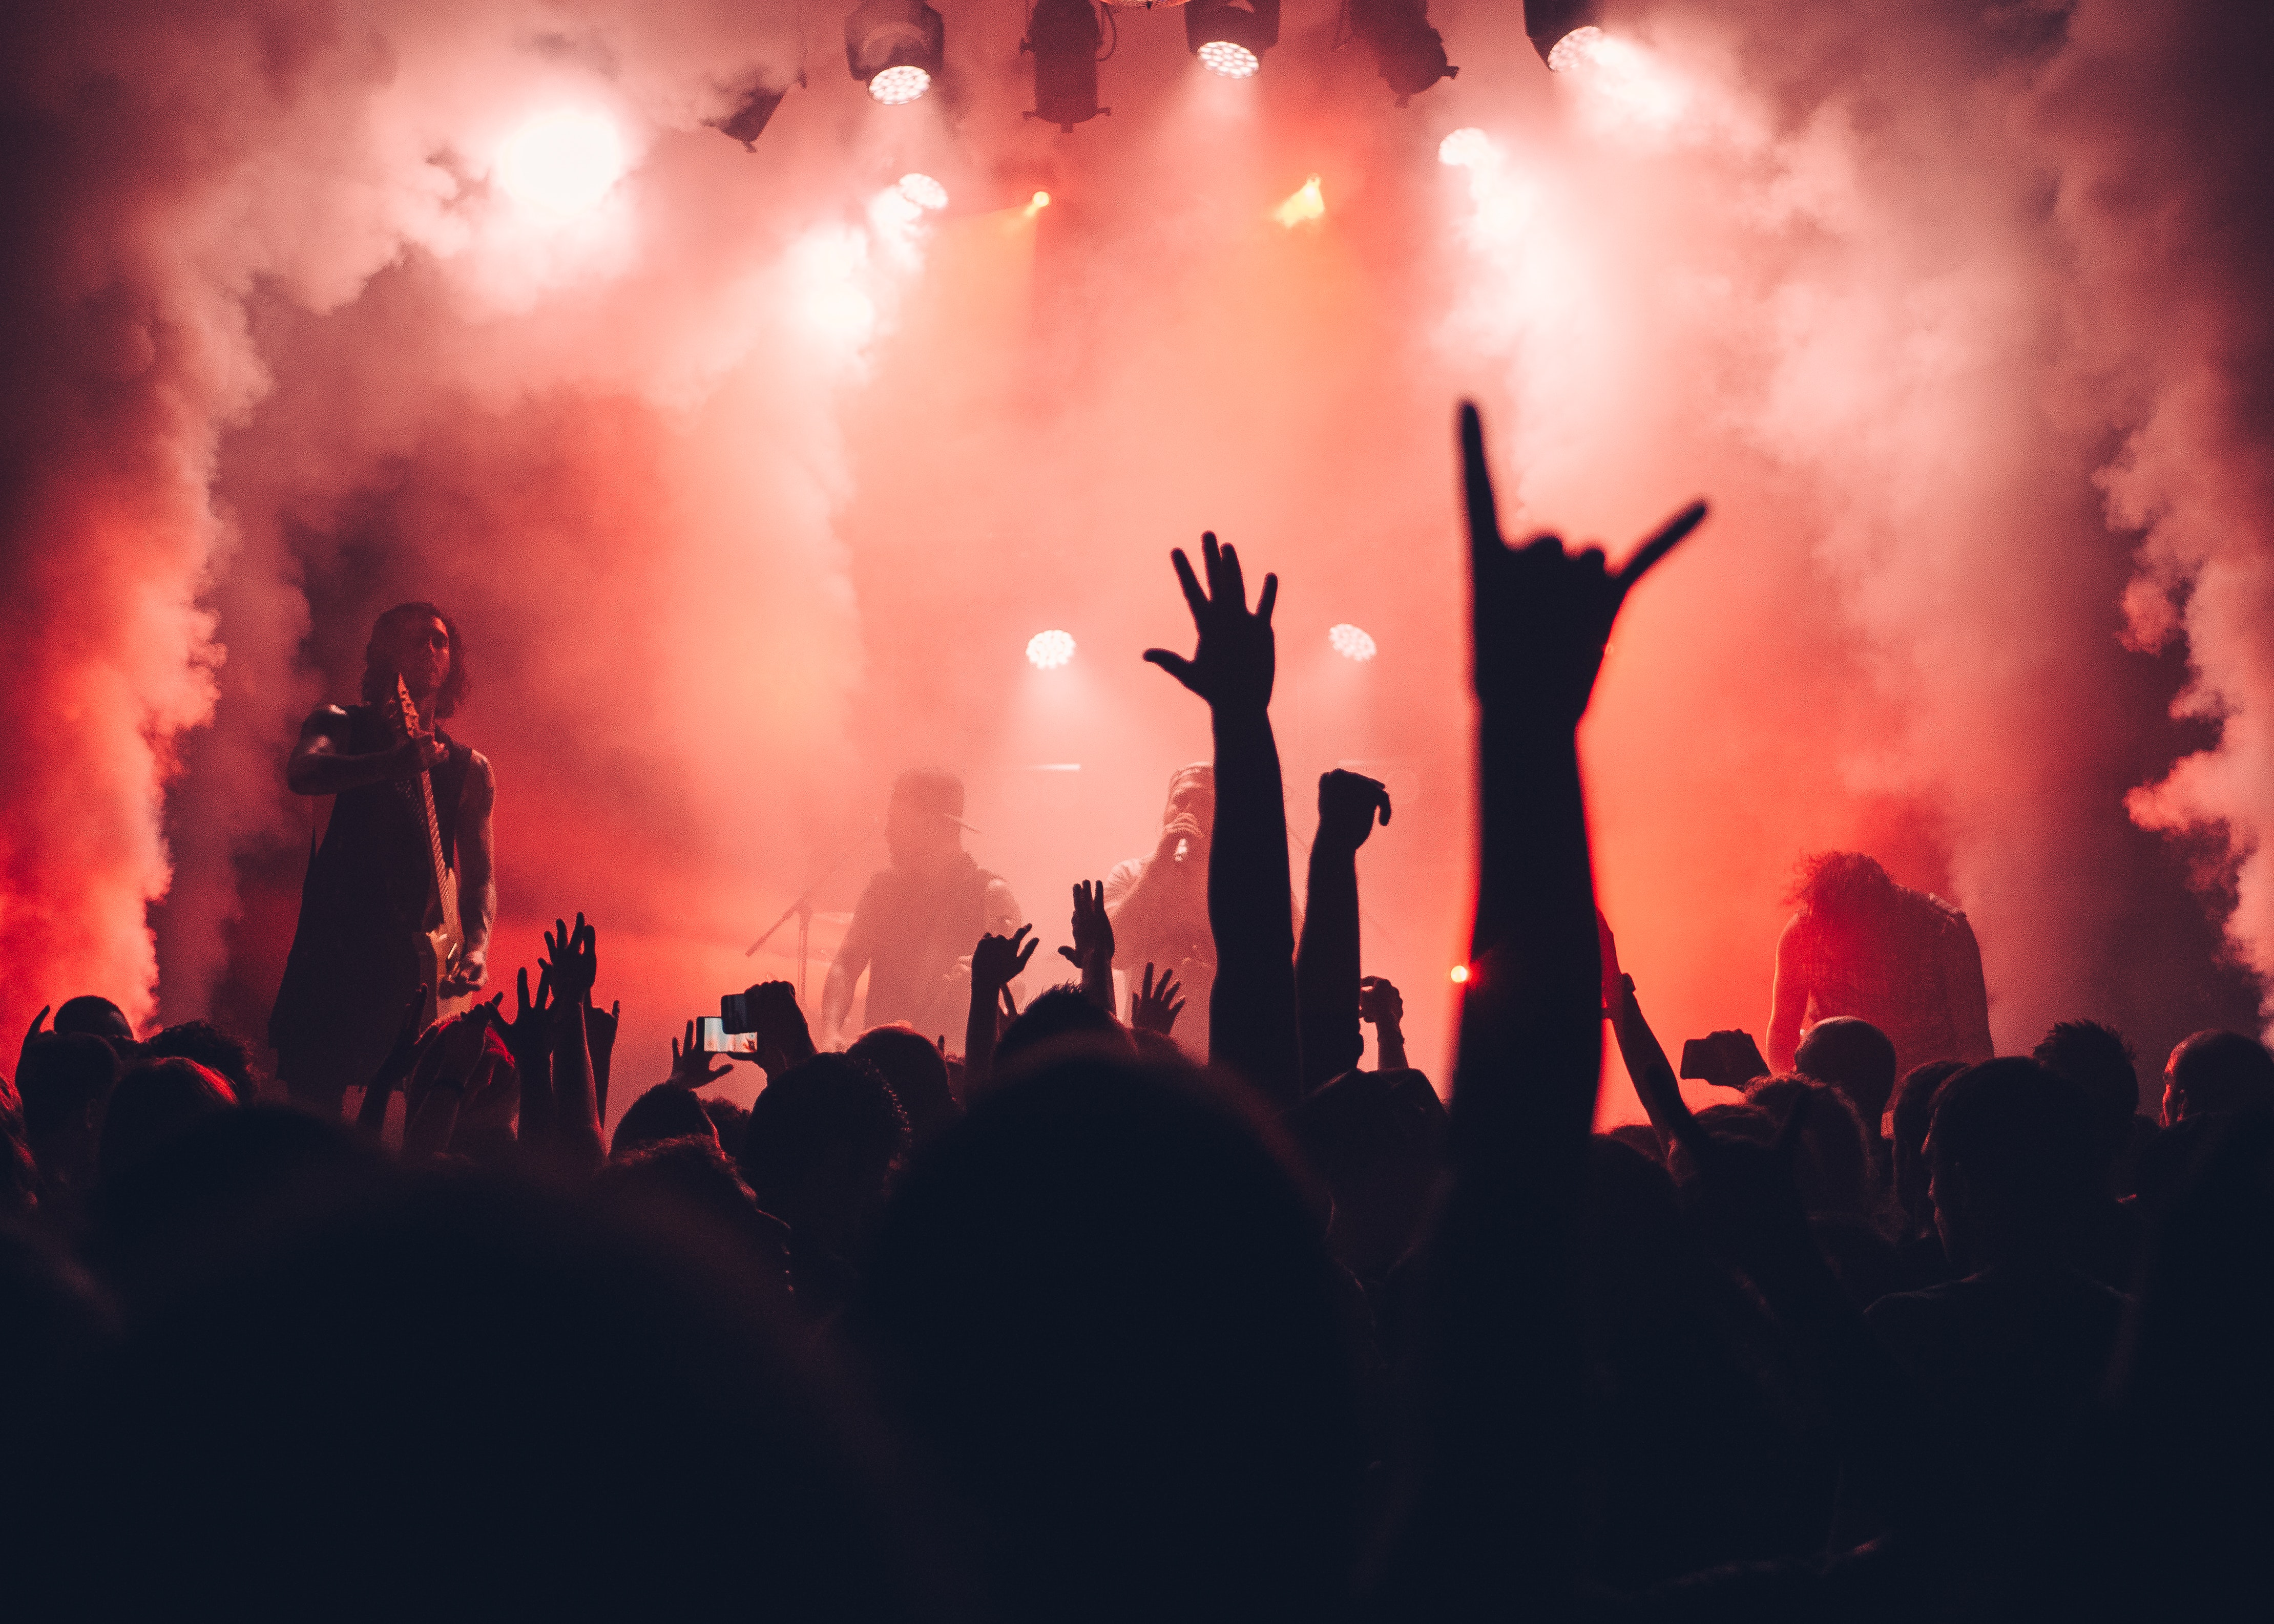 people-in-concert-1763075.jpg